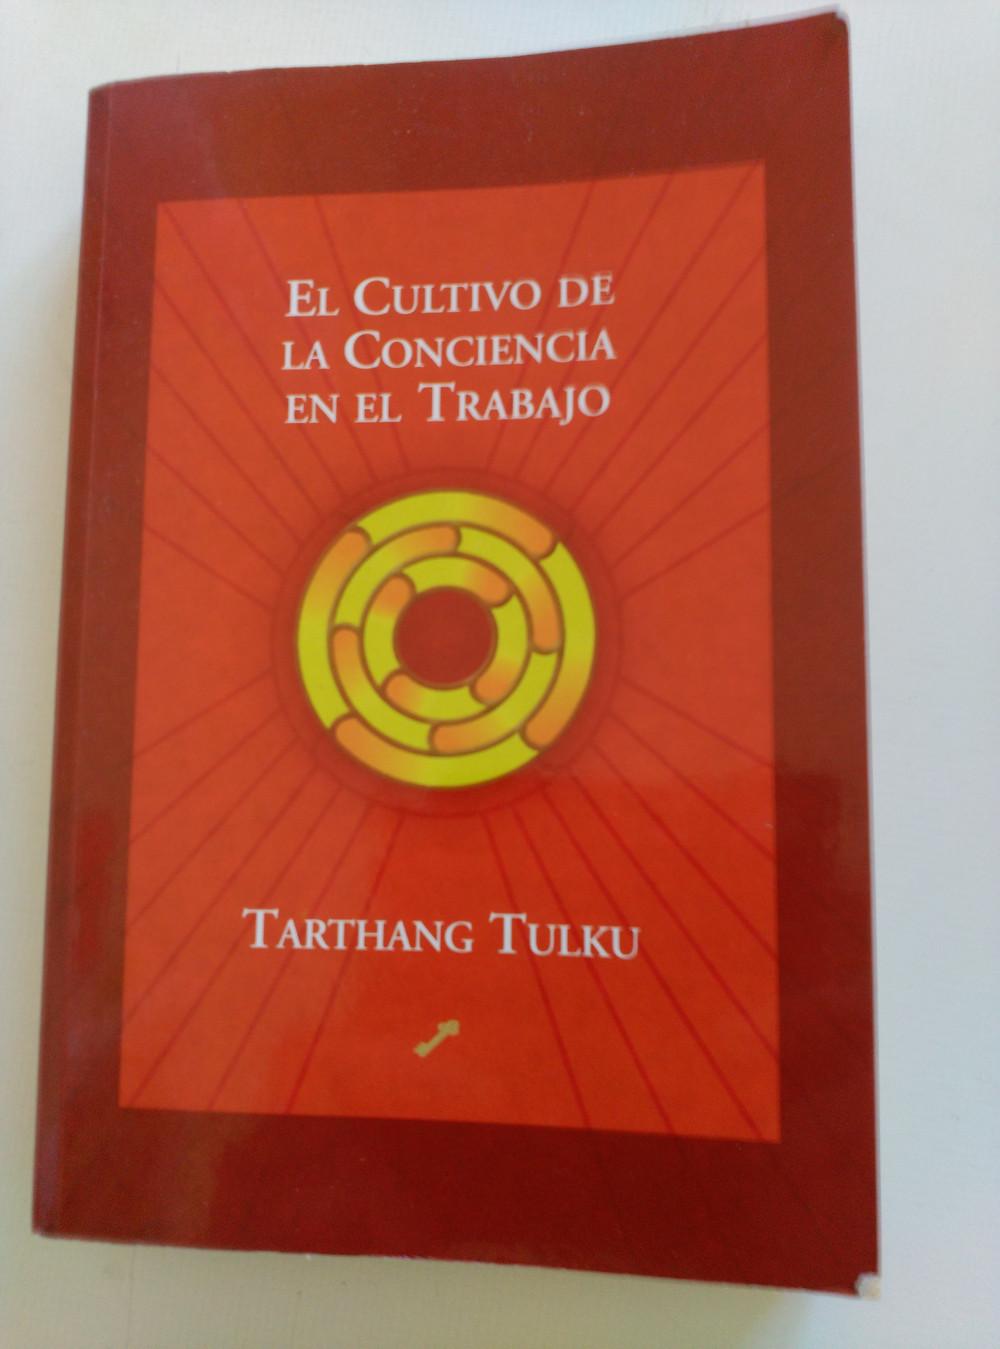 El cultivo de la conciencia.JPG